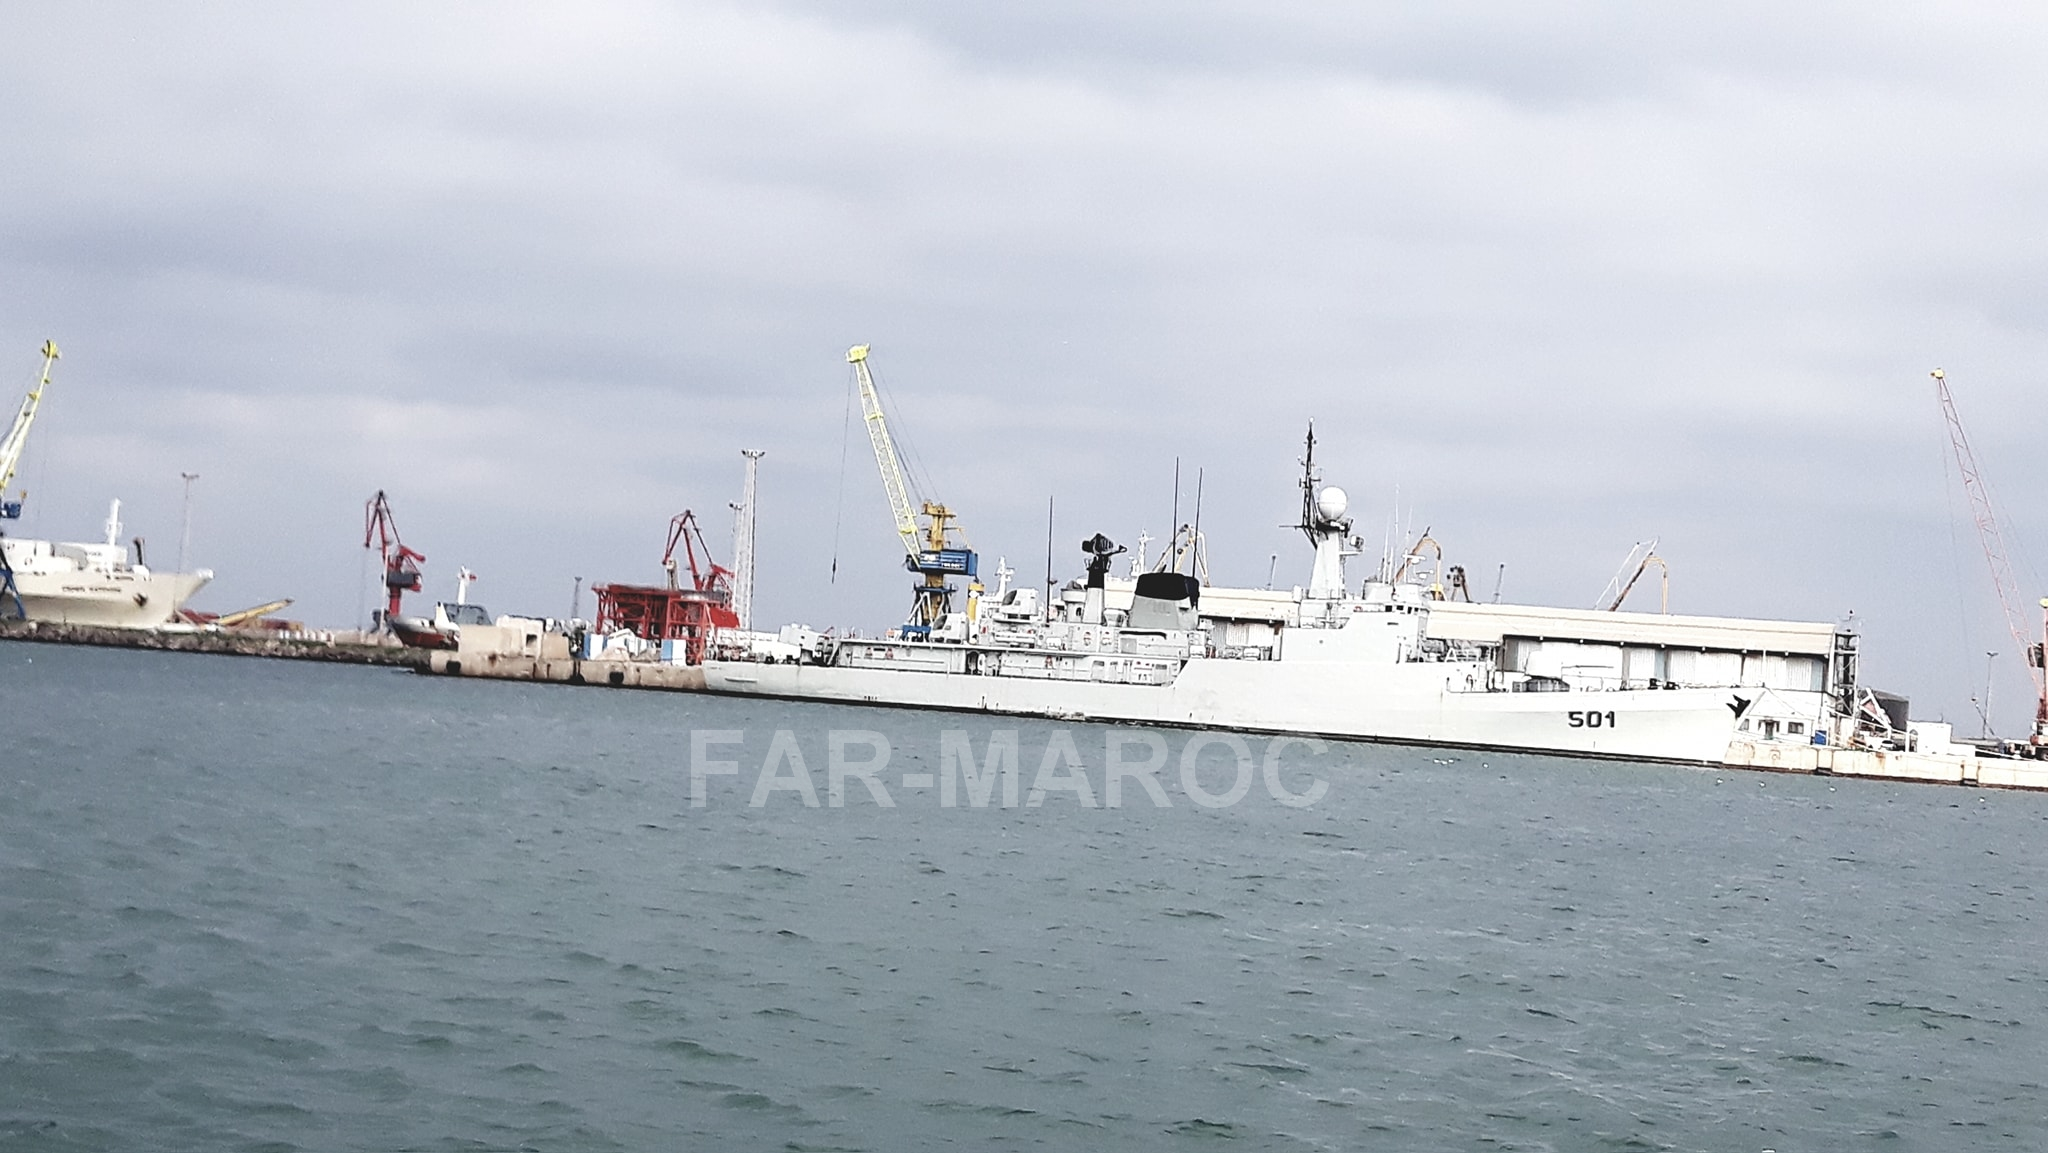 Royal Moroccan Navy Descubierta Frigate / Patrouilleur Océanique Lt Cl Errahmani - Bâtiment École - Page 4 32791095097_eee01e33fd_o